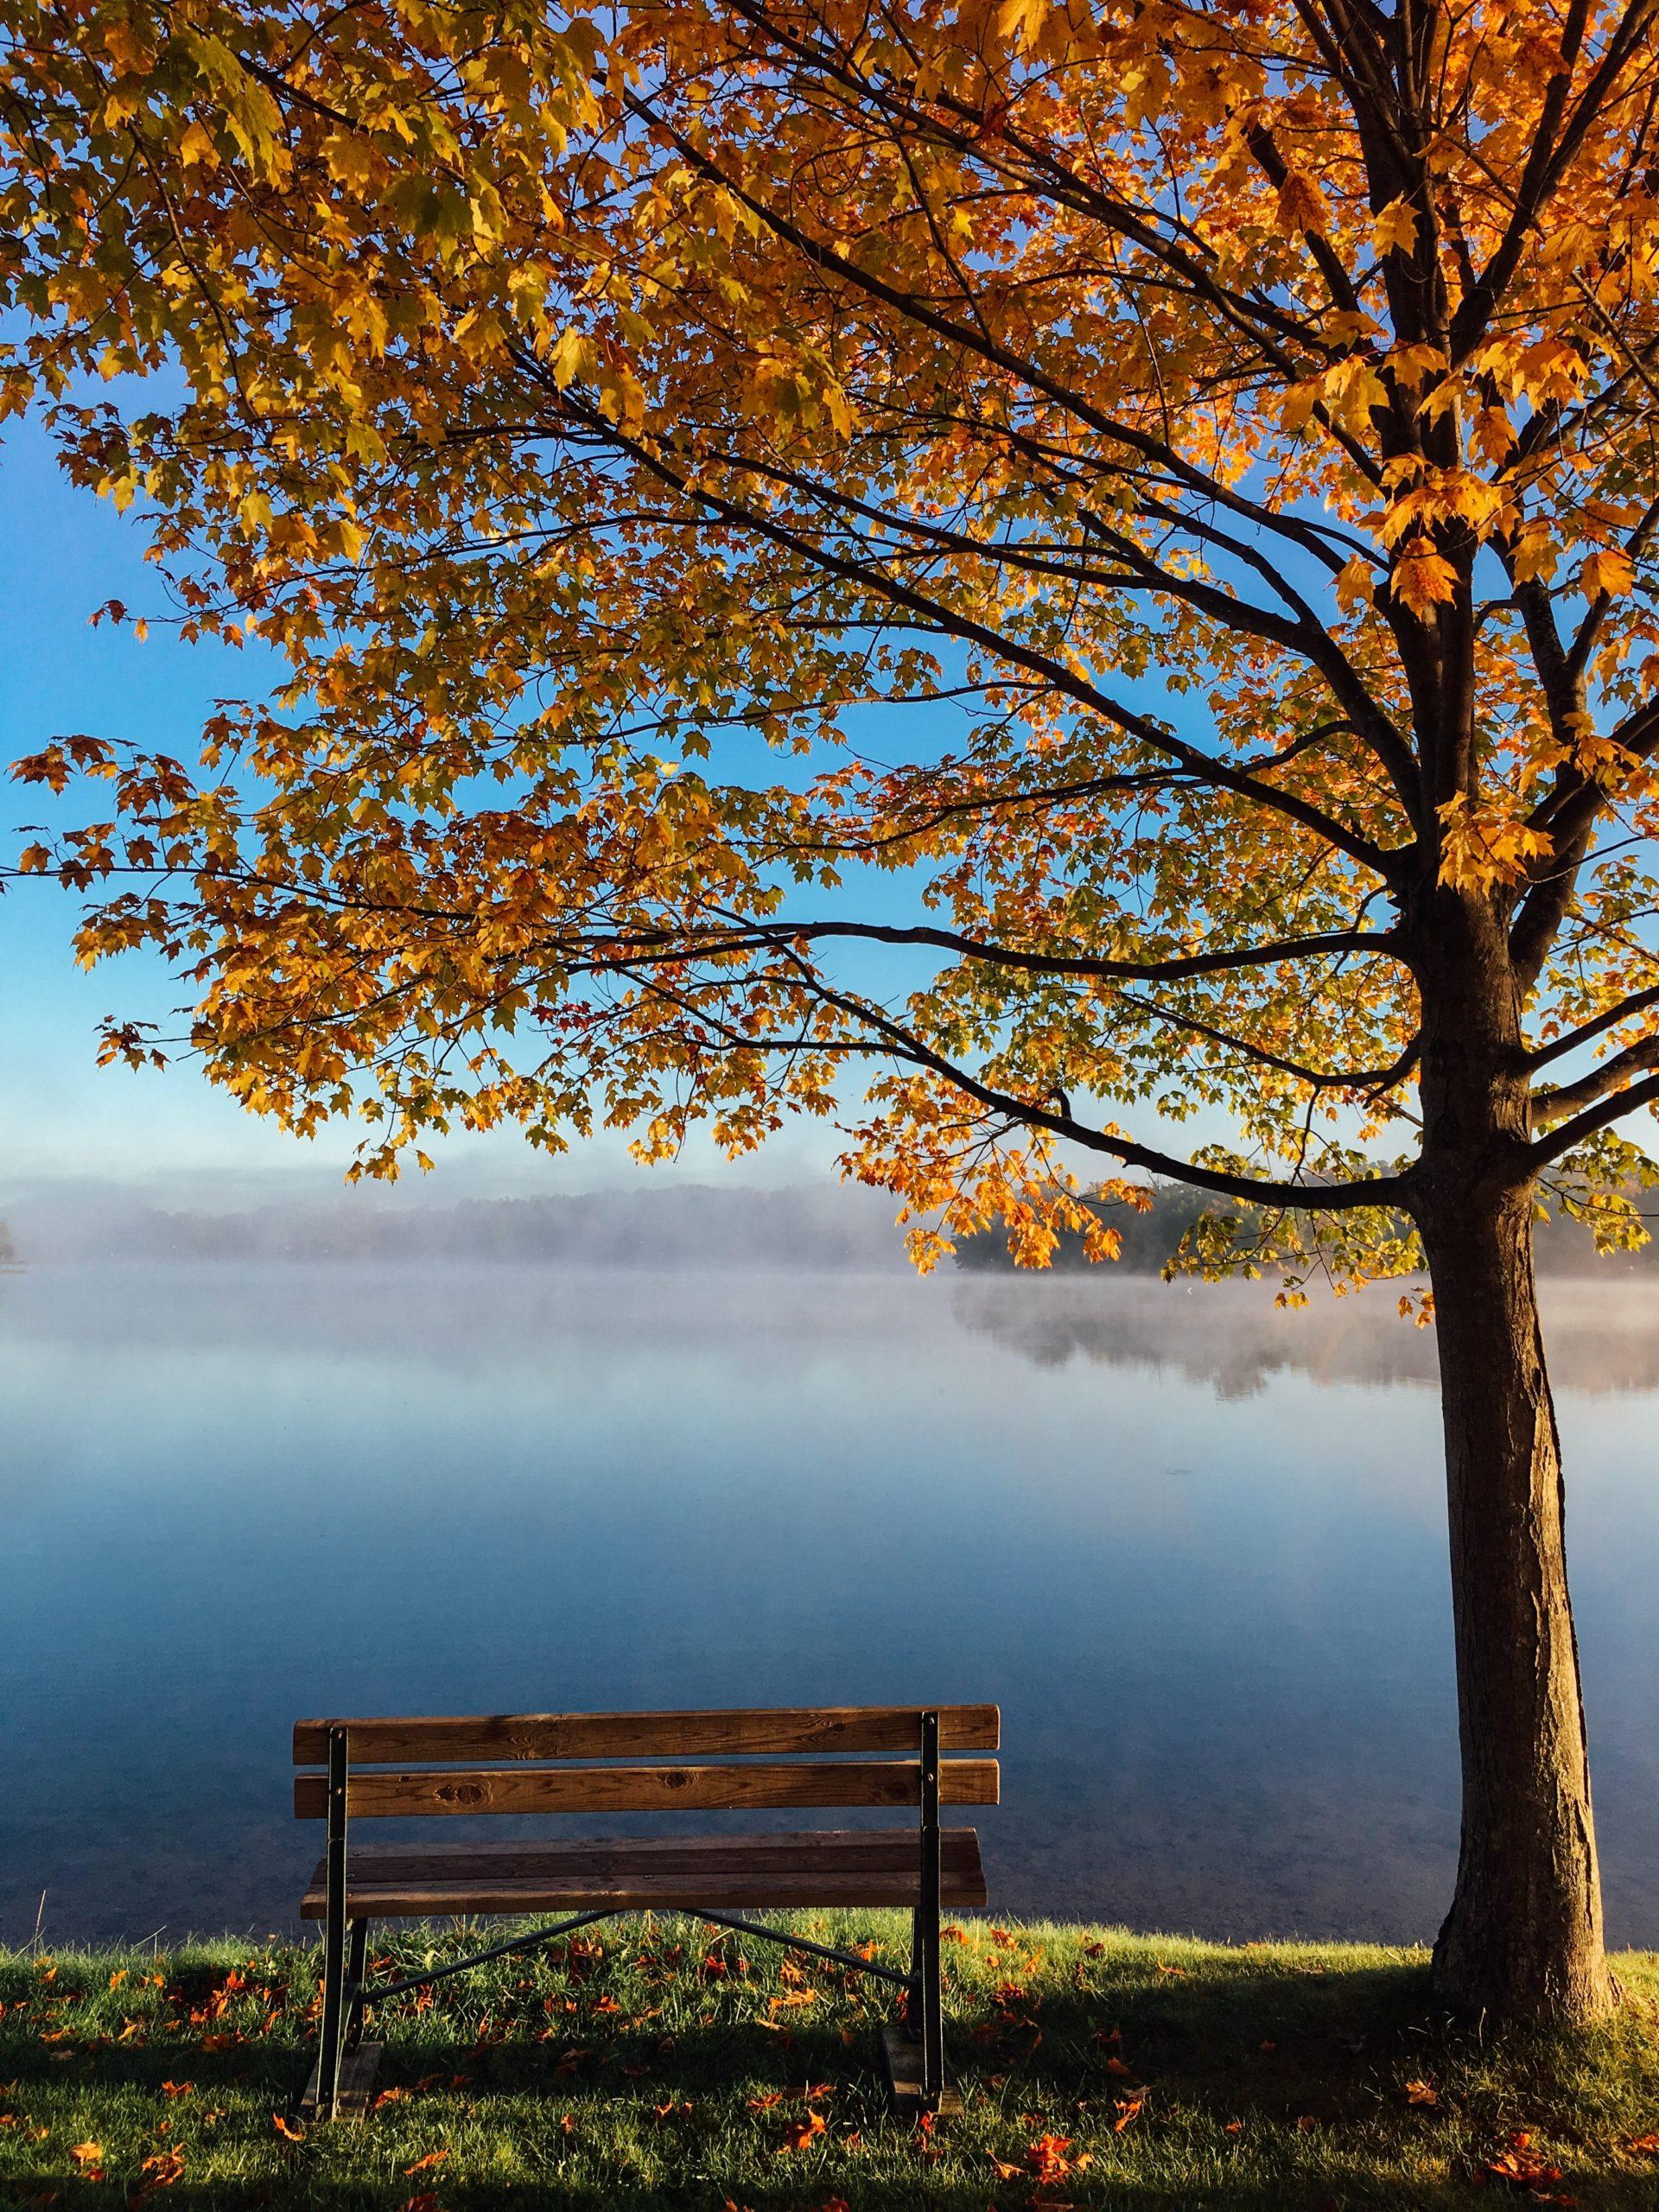 Un banc au bord de l'eau en automne